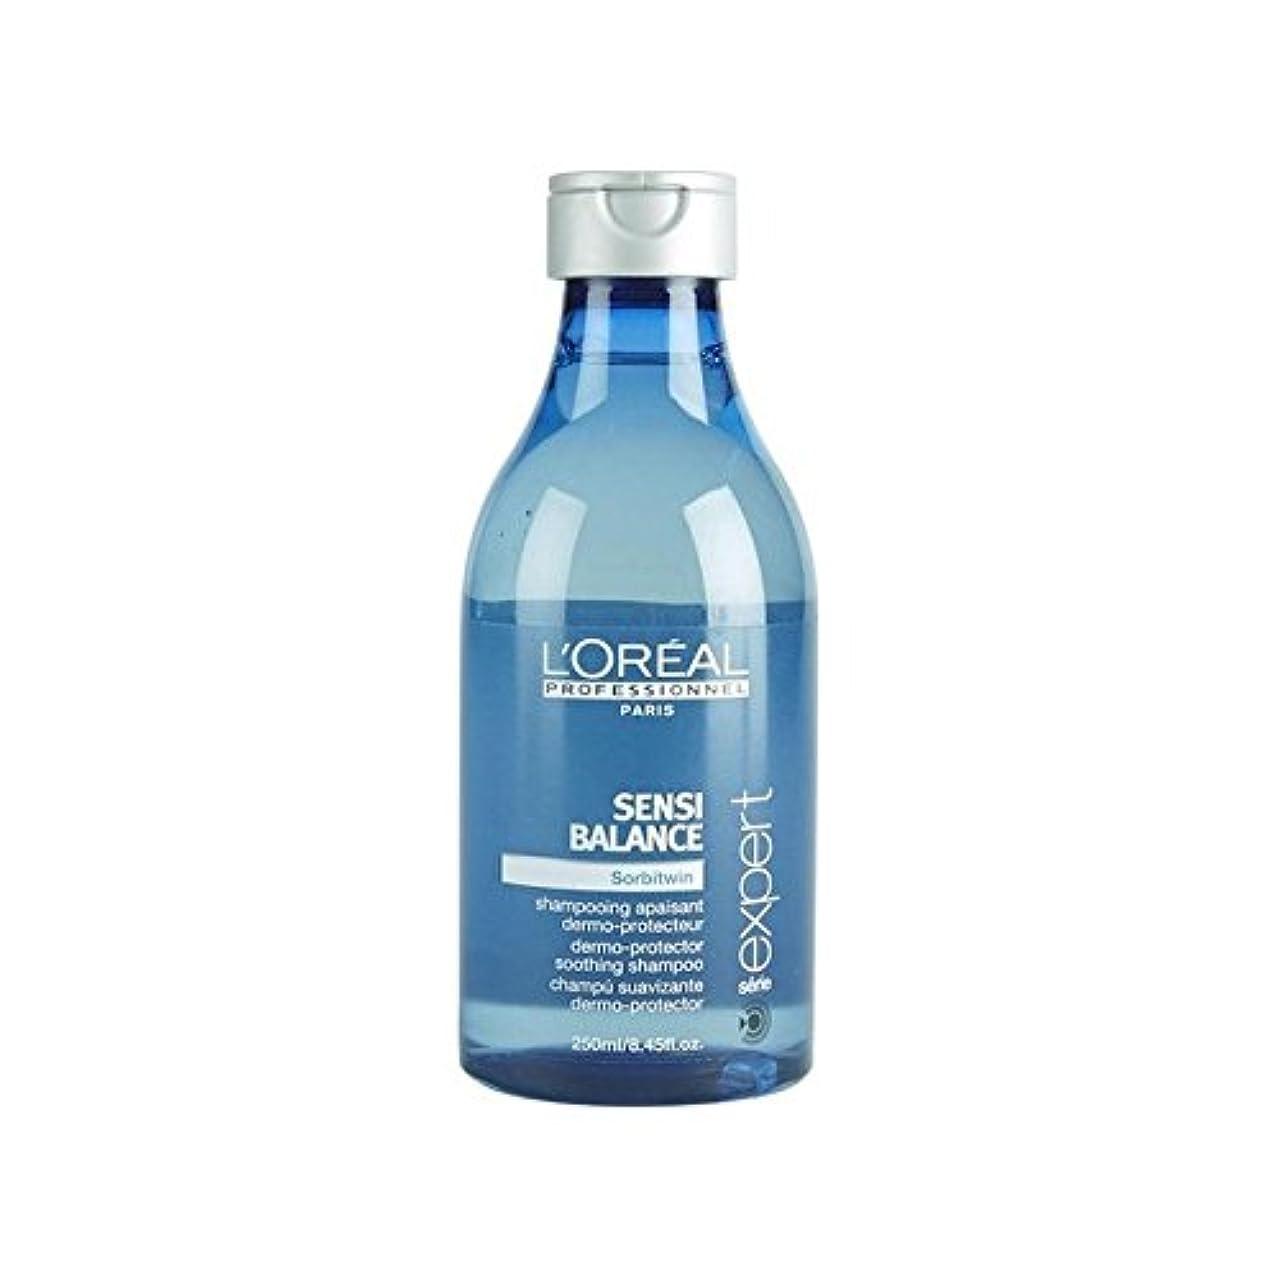 ベッドイベント保育園L'Or?al Professionnel Sensi Balance Shampoo (250ml) - ロレアルプロフェッショナルセンシバランスシャンプー(250ミリリットル) [並行輸入品]